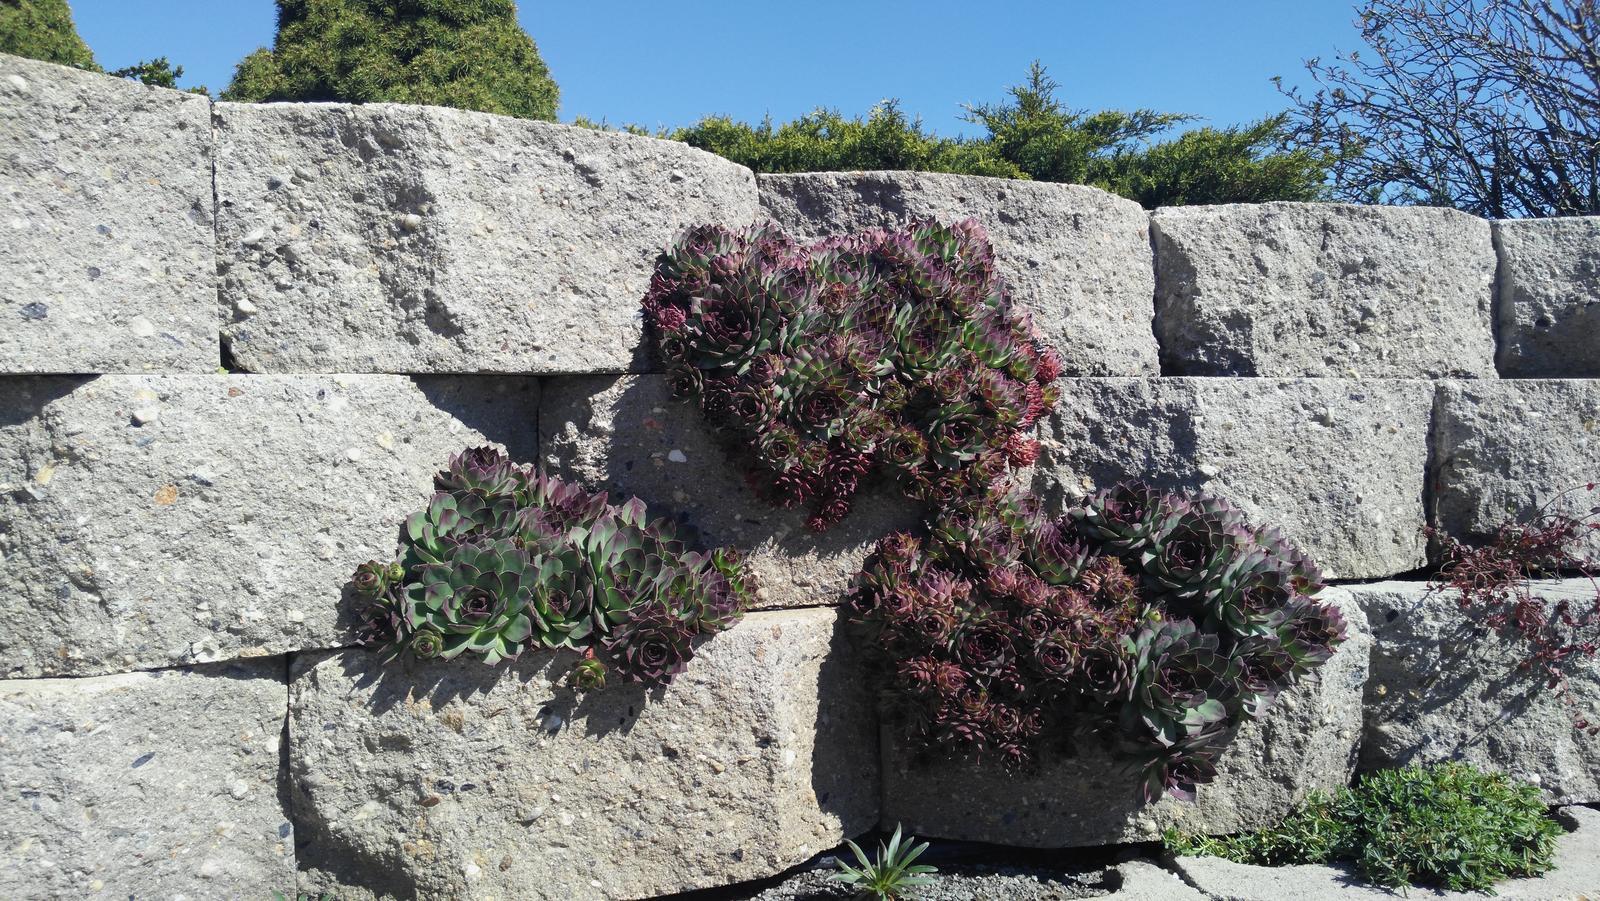 07 Vegetačný oporný múr sa na jar prebúdza ( rozšírené 19.6.2020 ) - 2017 03 28 Skalné ruže sa minulý rok pekne rozrástli bude ich potrebné znovu preriediť